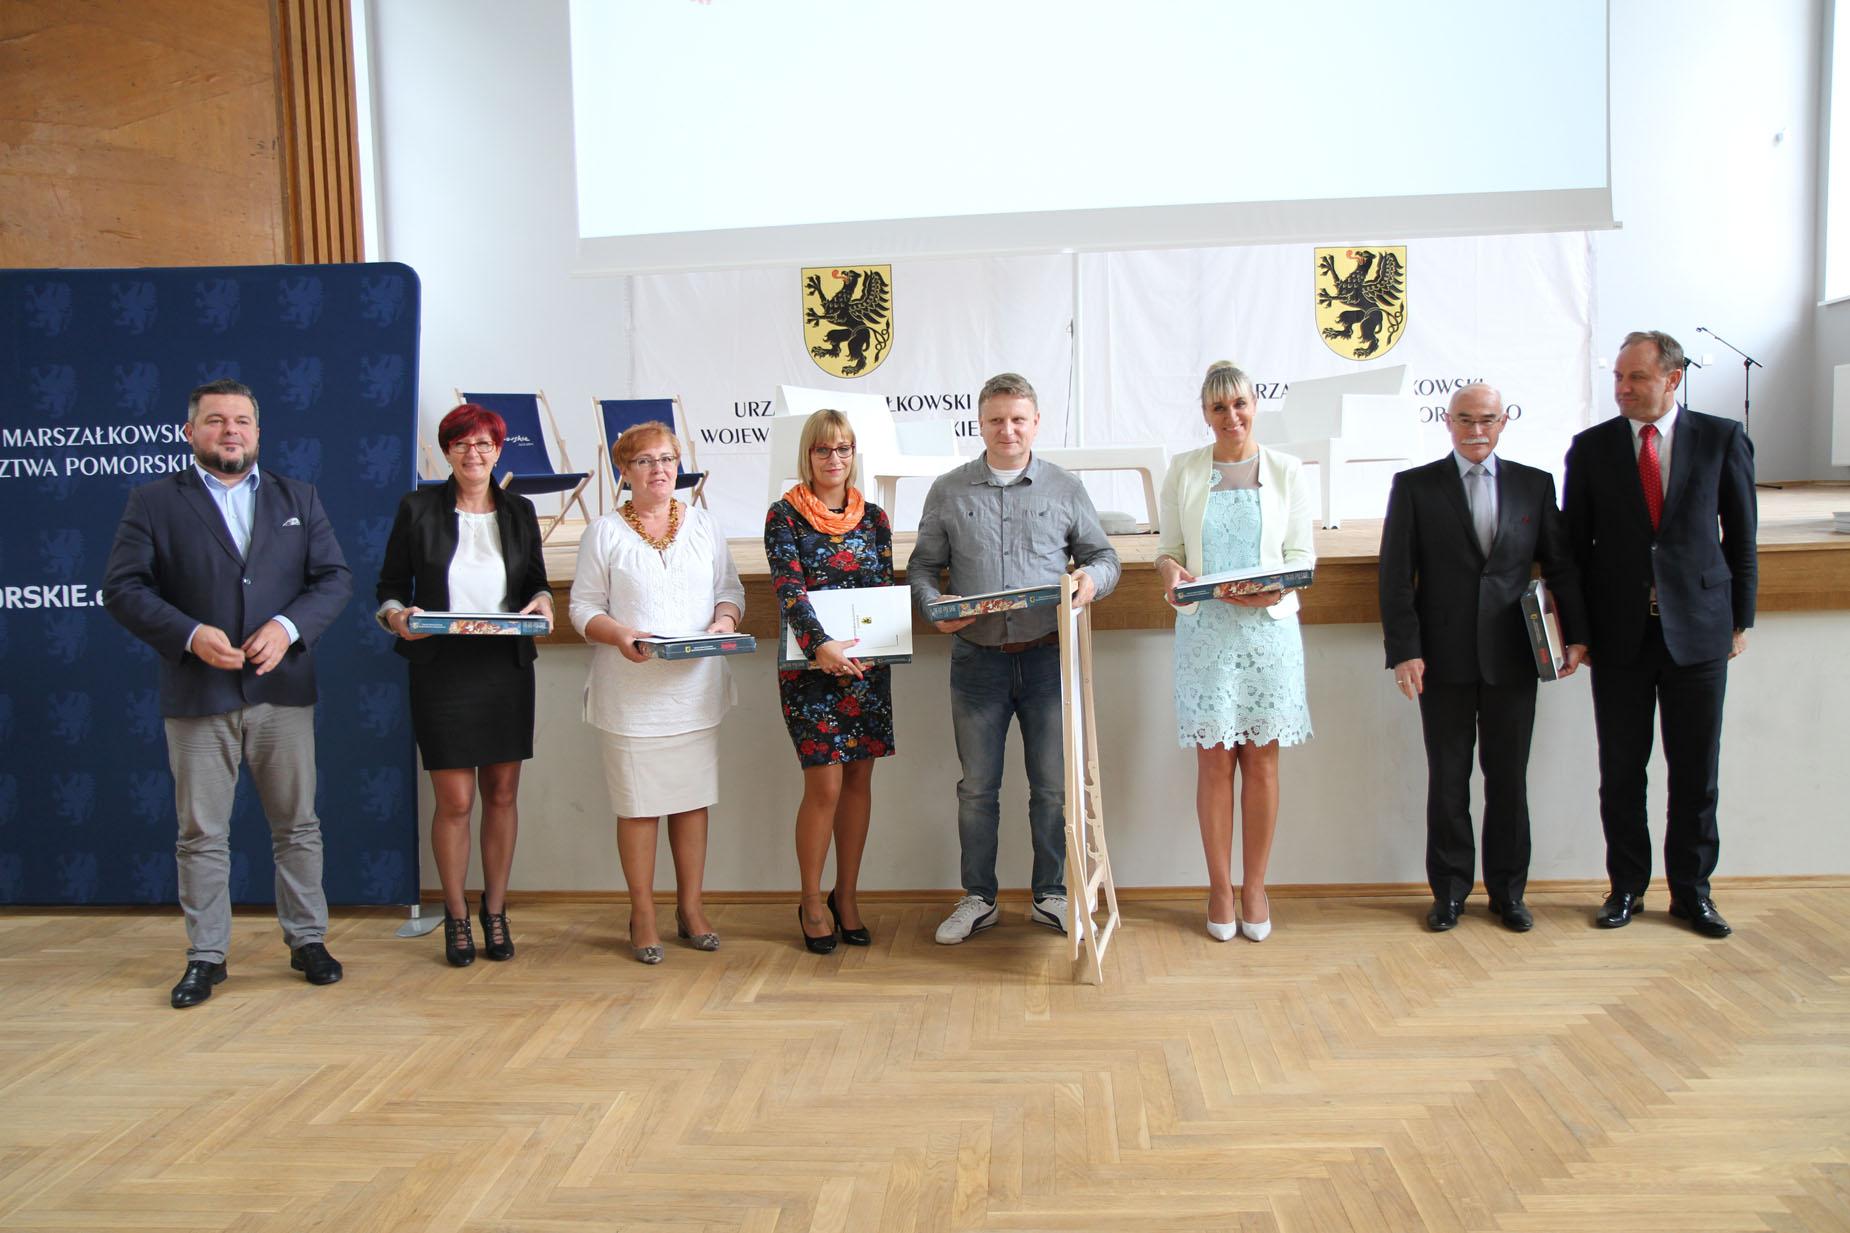 Były dyplomy i podziękowania za opiekę nad mieszkańcami i turystami. Podsumowanie akcji Pomorskie dla Zdrowia